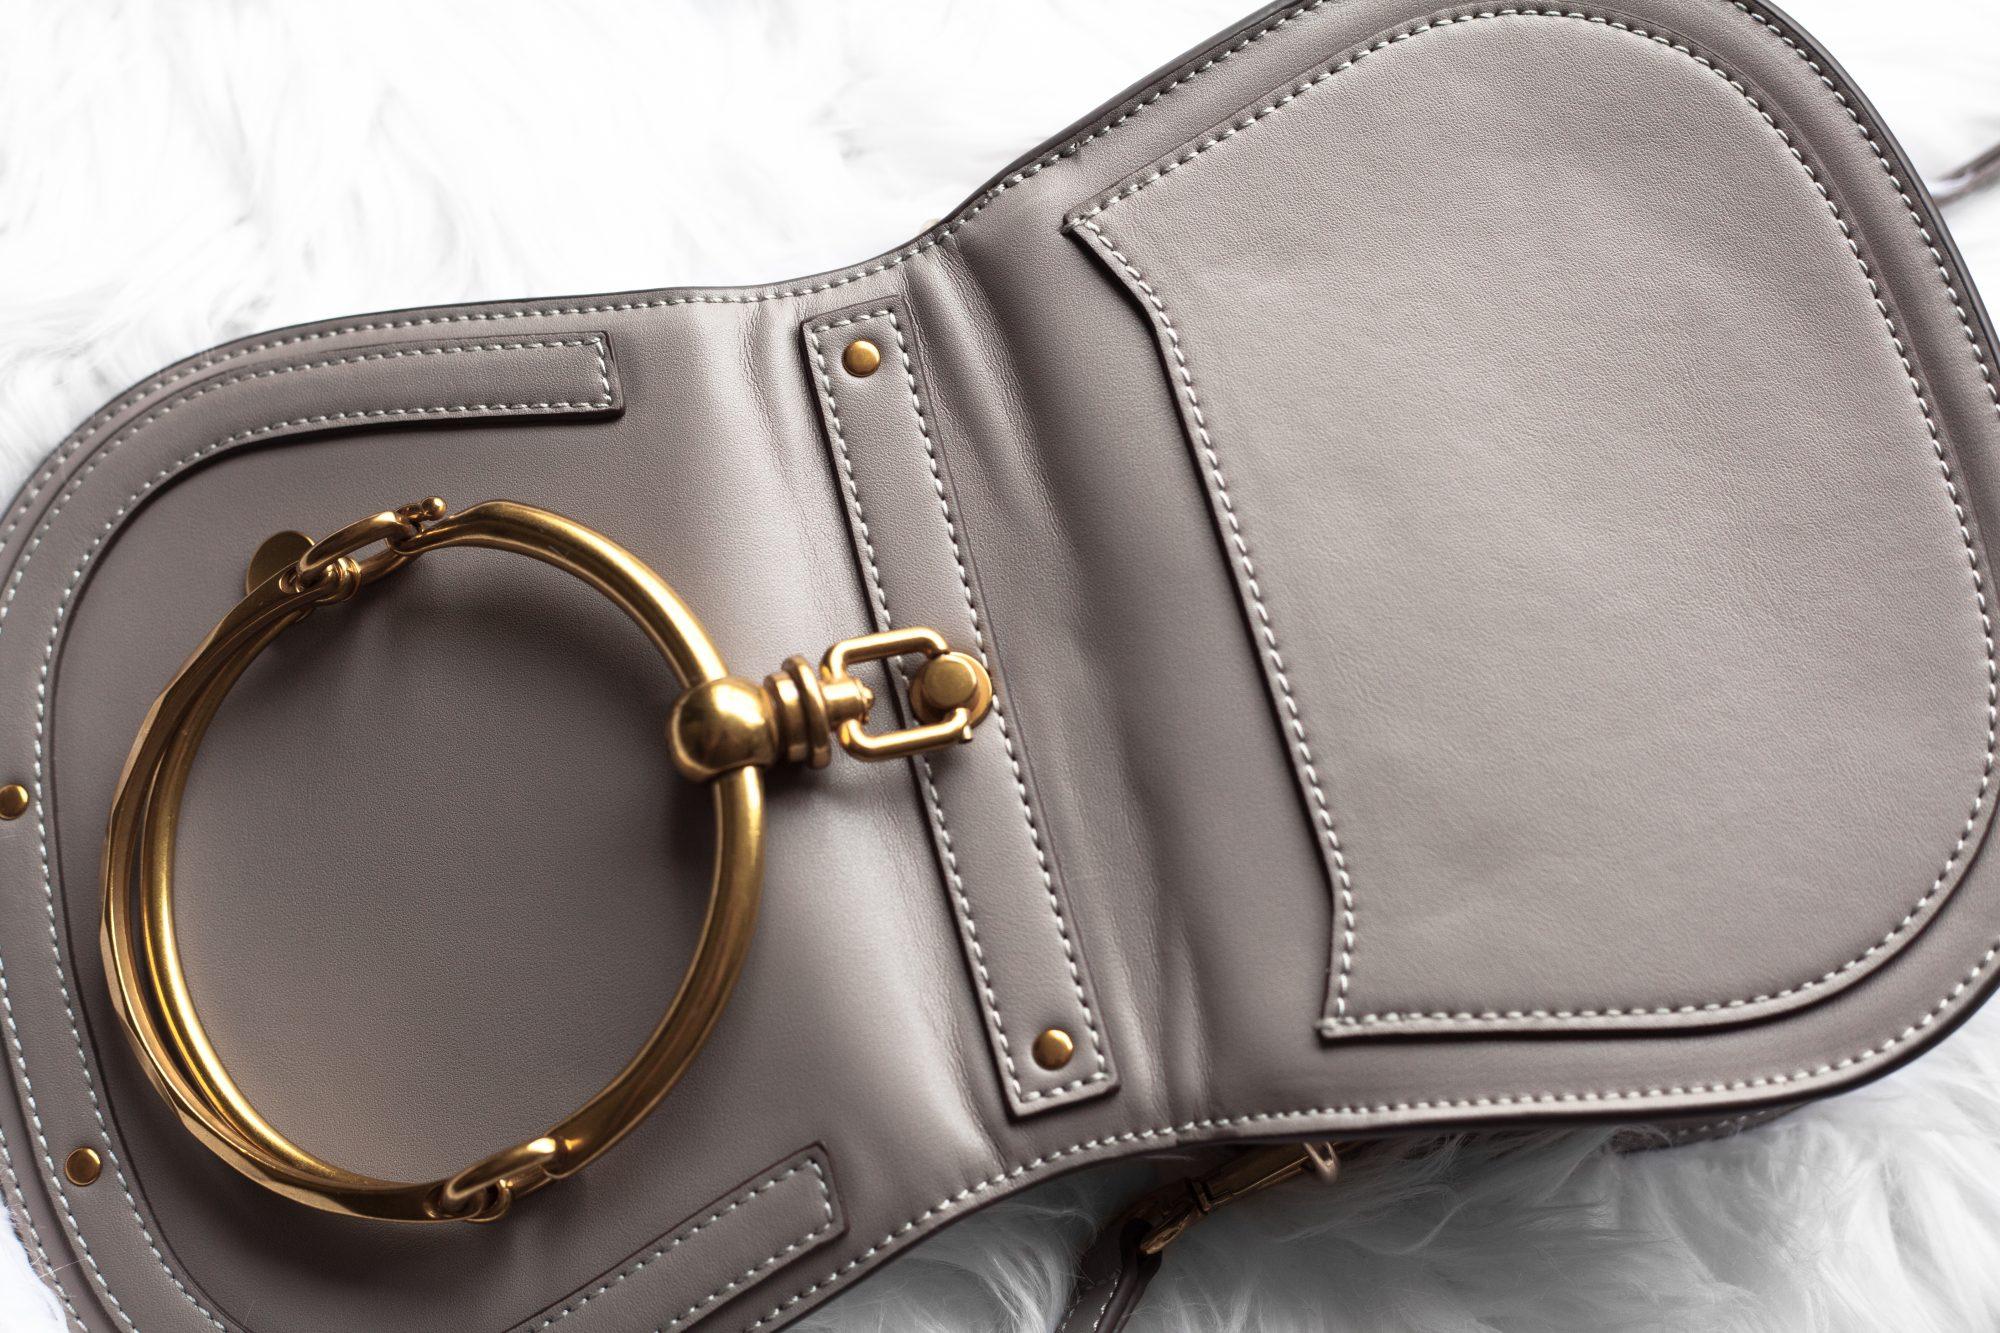 9cf134da88 Designer Dupe: Chloe Small Nile Bracelet Bag – $1,550 vs. $40.43 ...